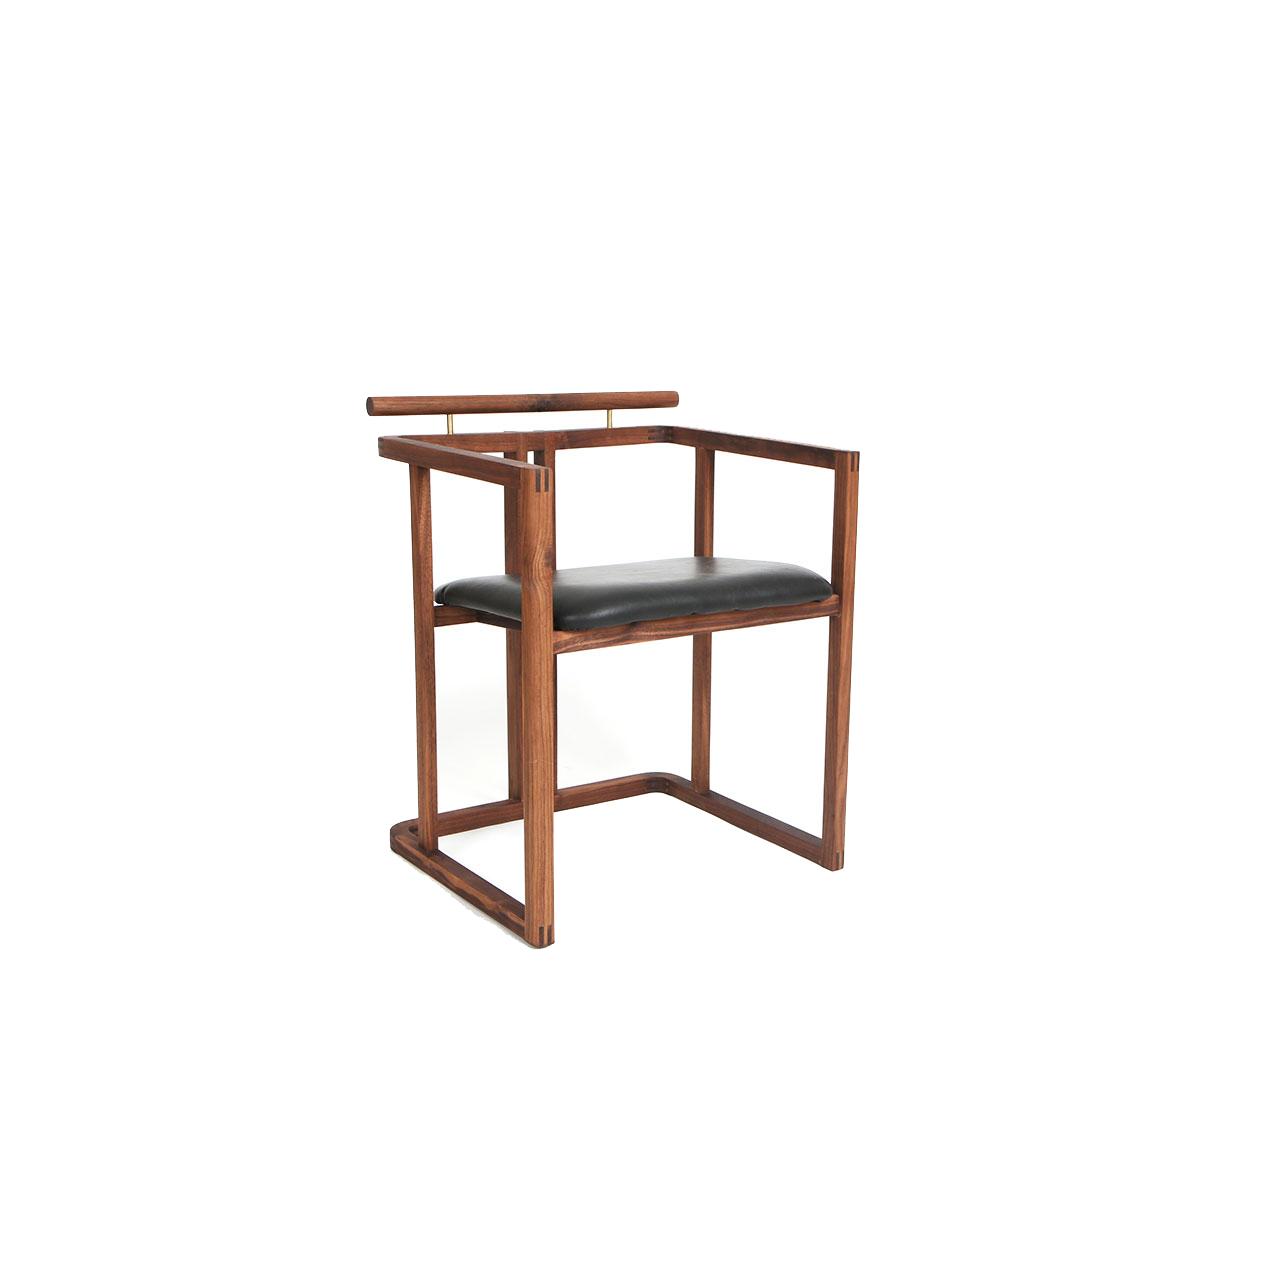 LOGGIA/ Arm chair